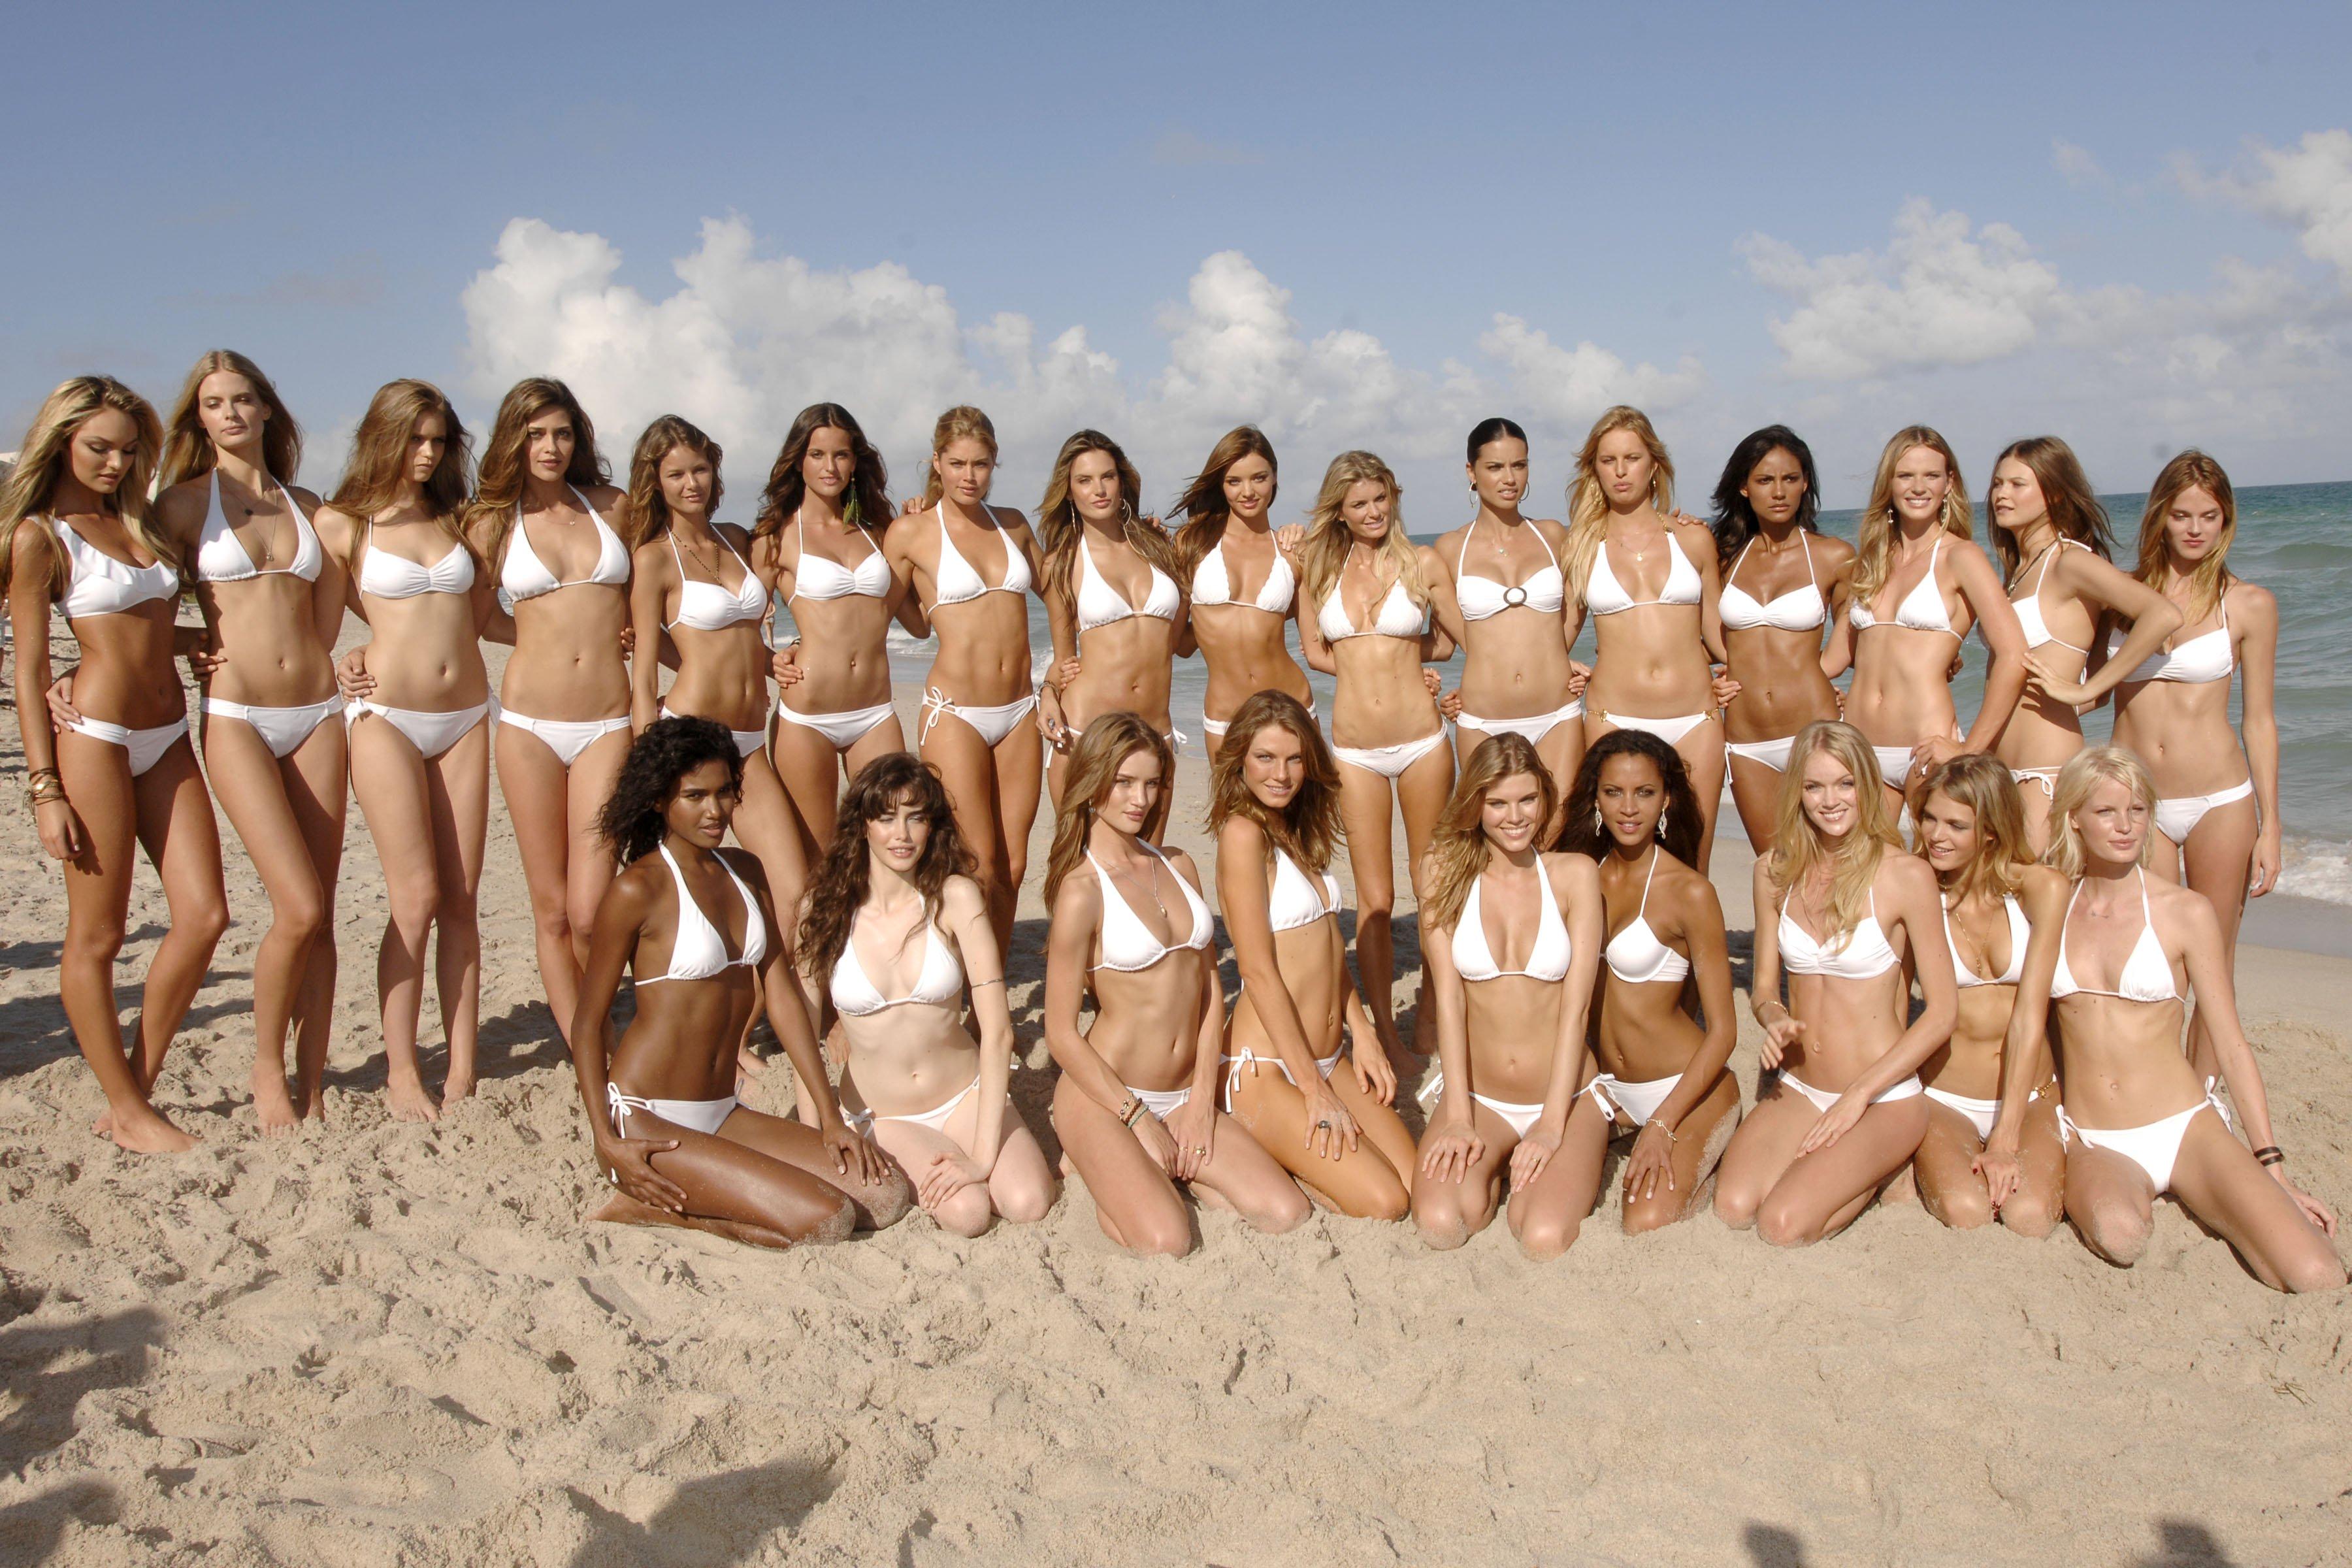 bikini beach miranda kerr adriana lima sand models doutzen kroes miami